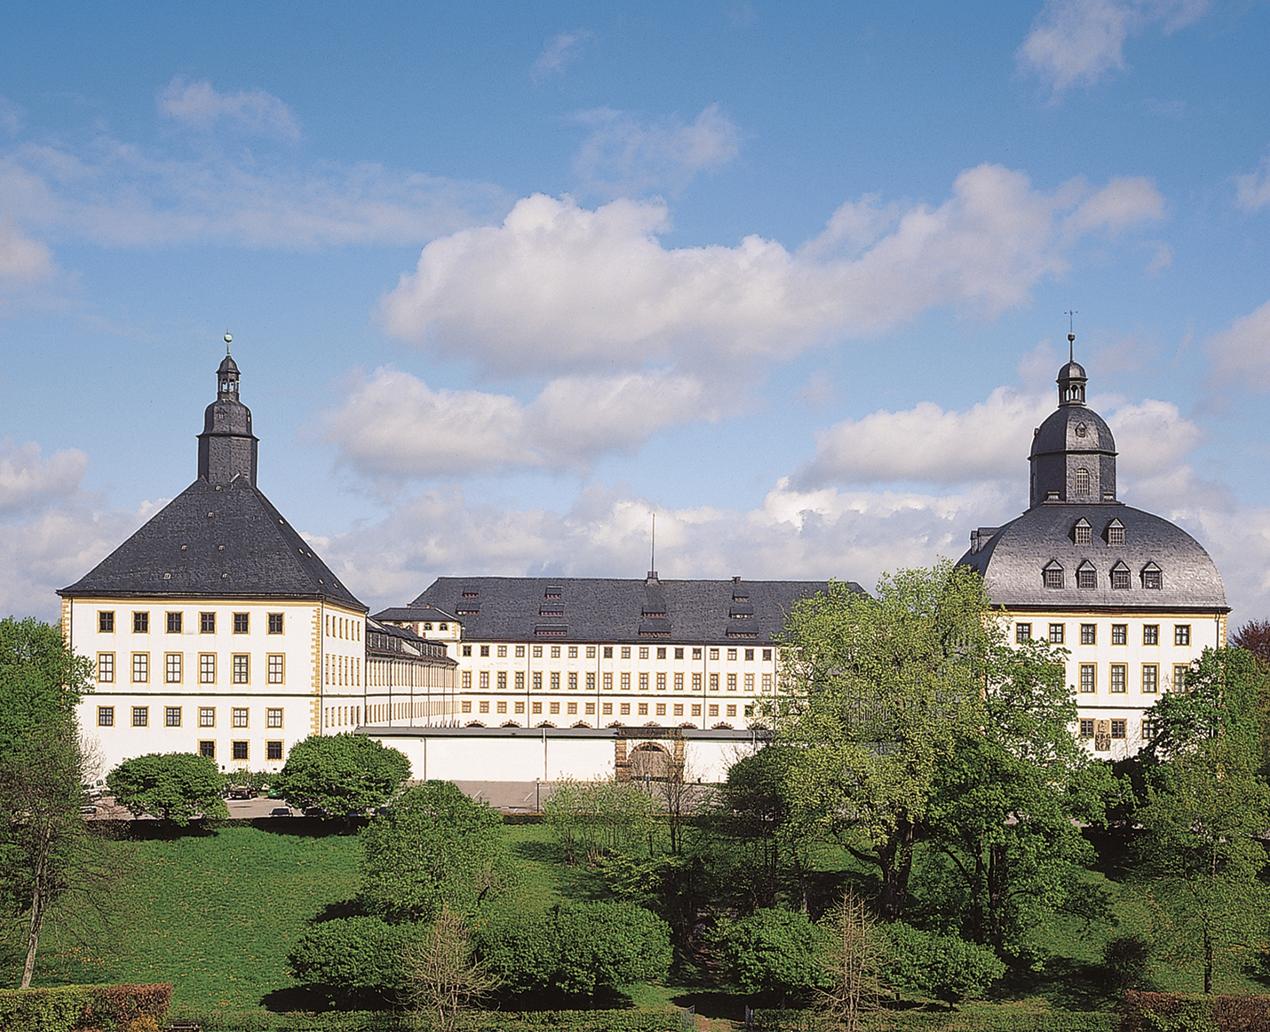 Gotha Schlossführung ©Stiftung Schloss Friedenstein Gotha